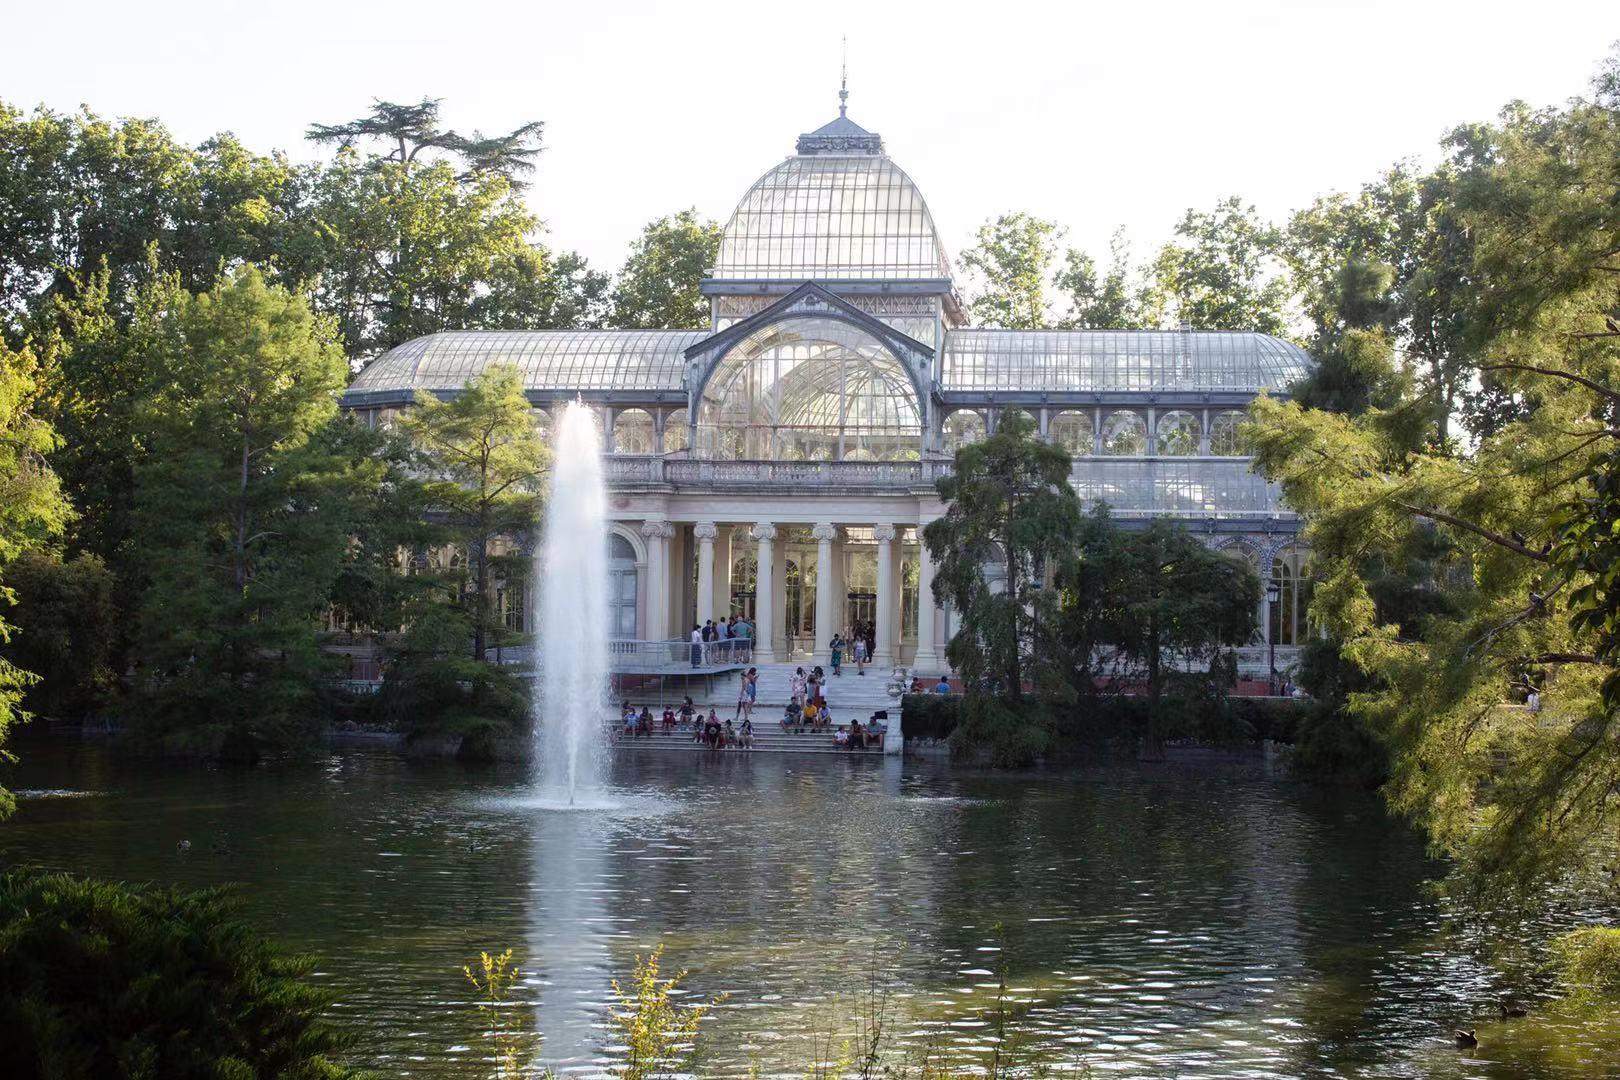 云游四方|五百年历史的林荫大道,有花园古迹和国宝级博物馆